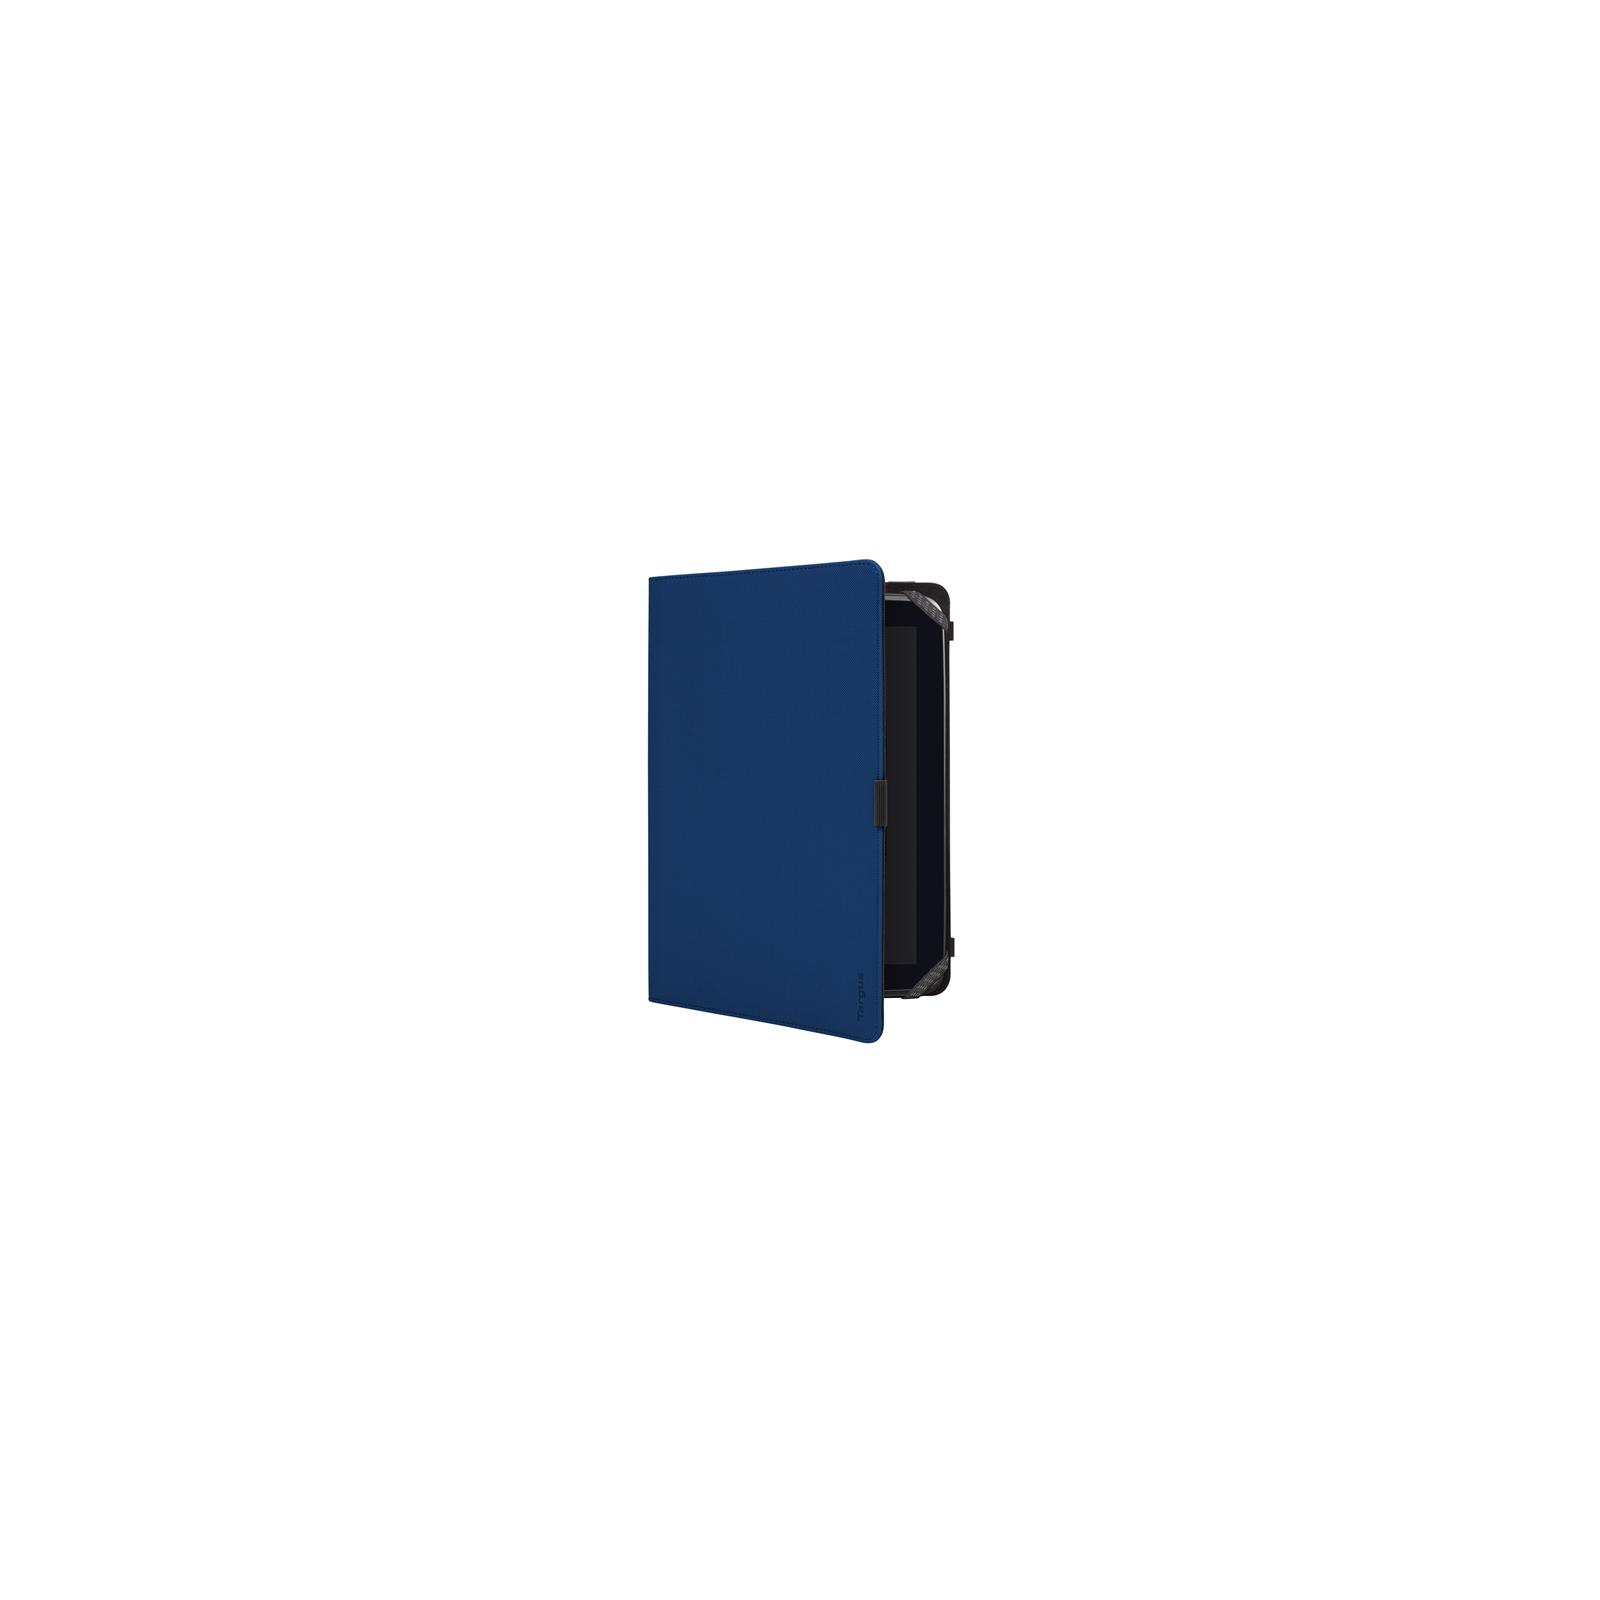 """Чехол для планшета Targus 9-10"""" Universal BLUE book (THZ33902EU) изображение 2"""